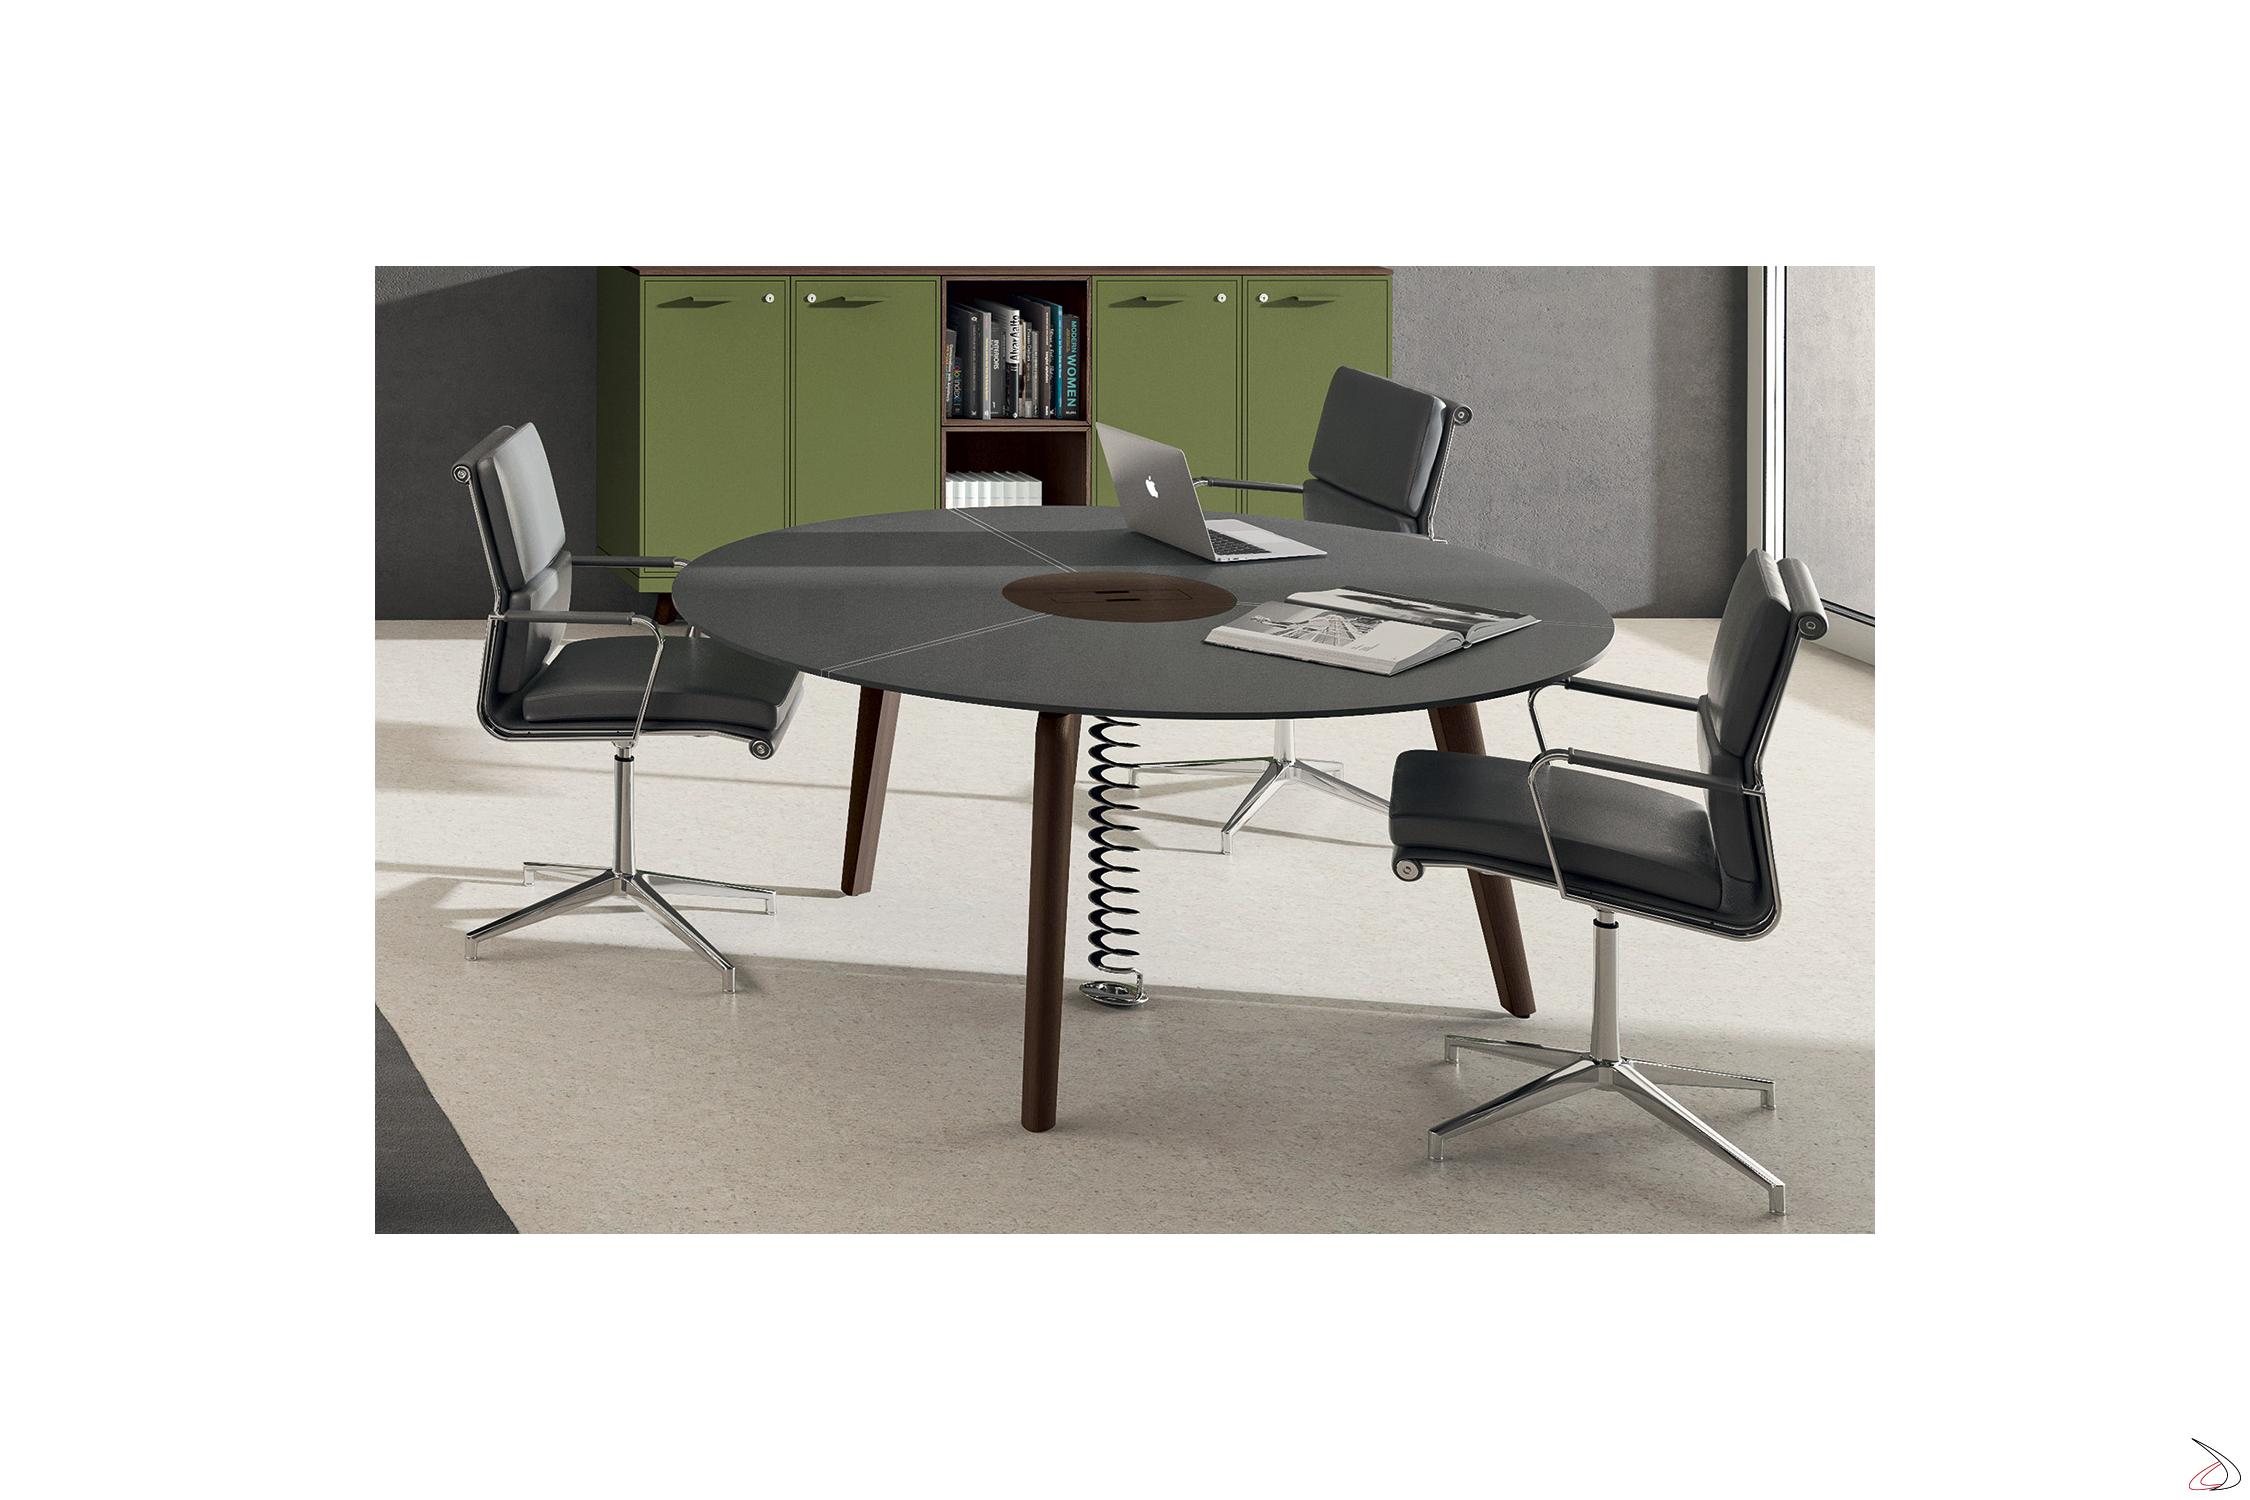 Tavolo ufficio rotondo per riunioni Canas | TopArredi